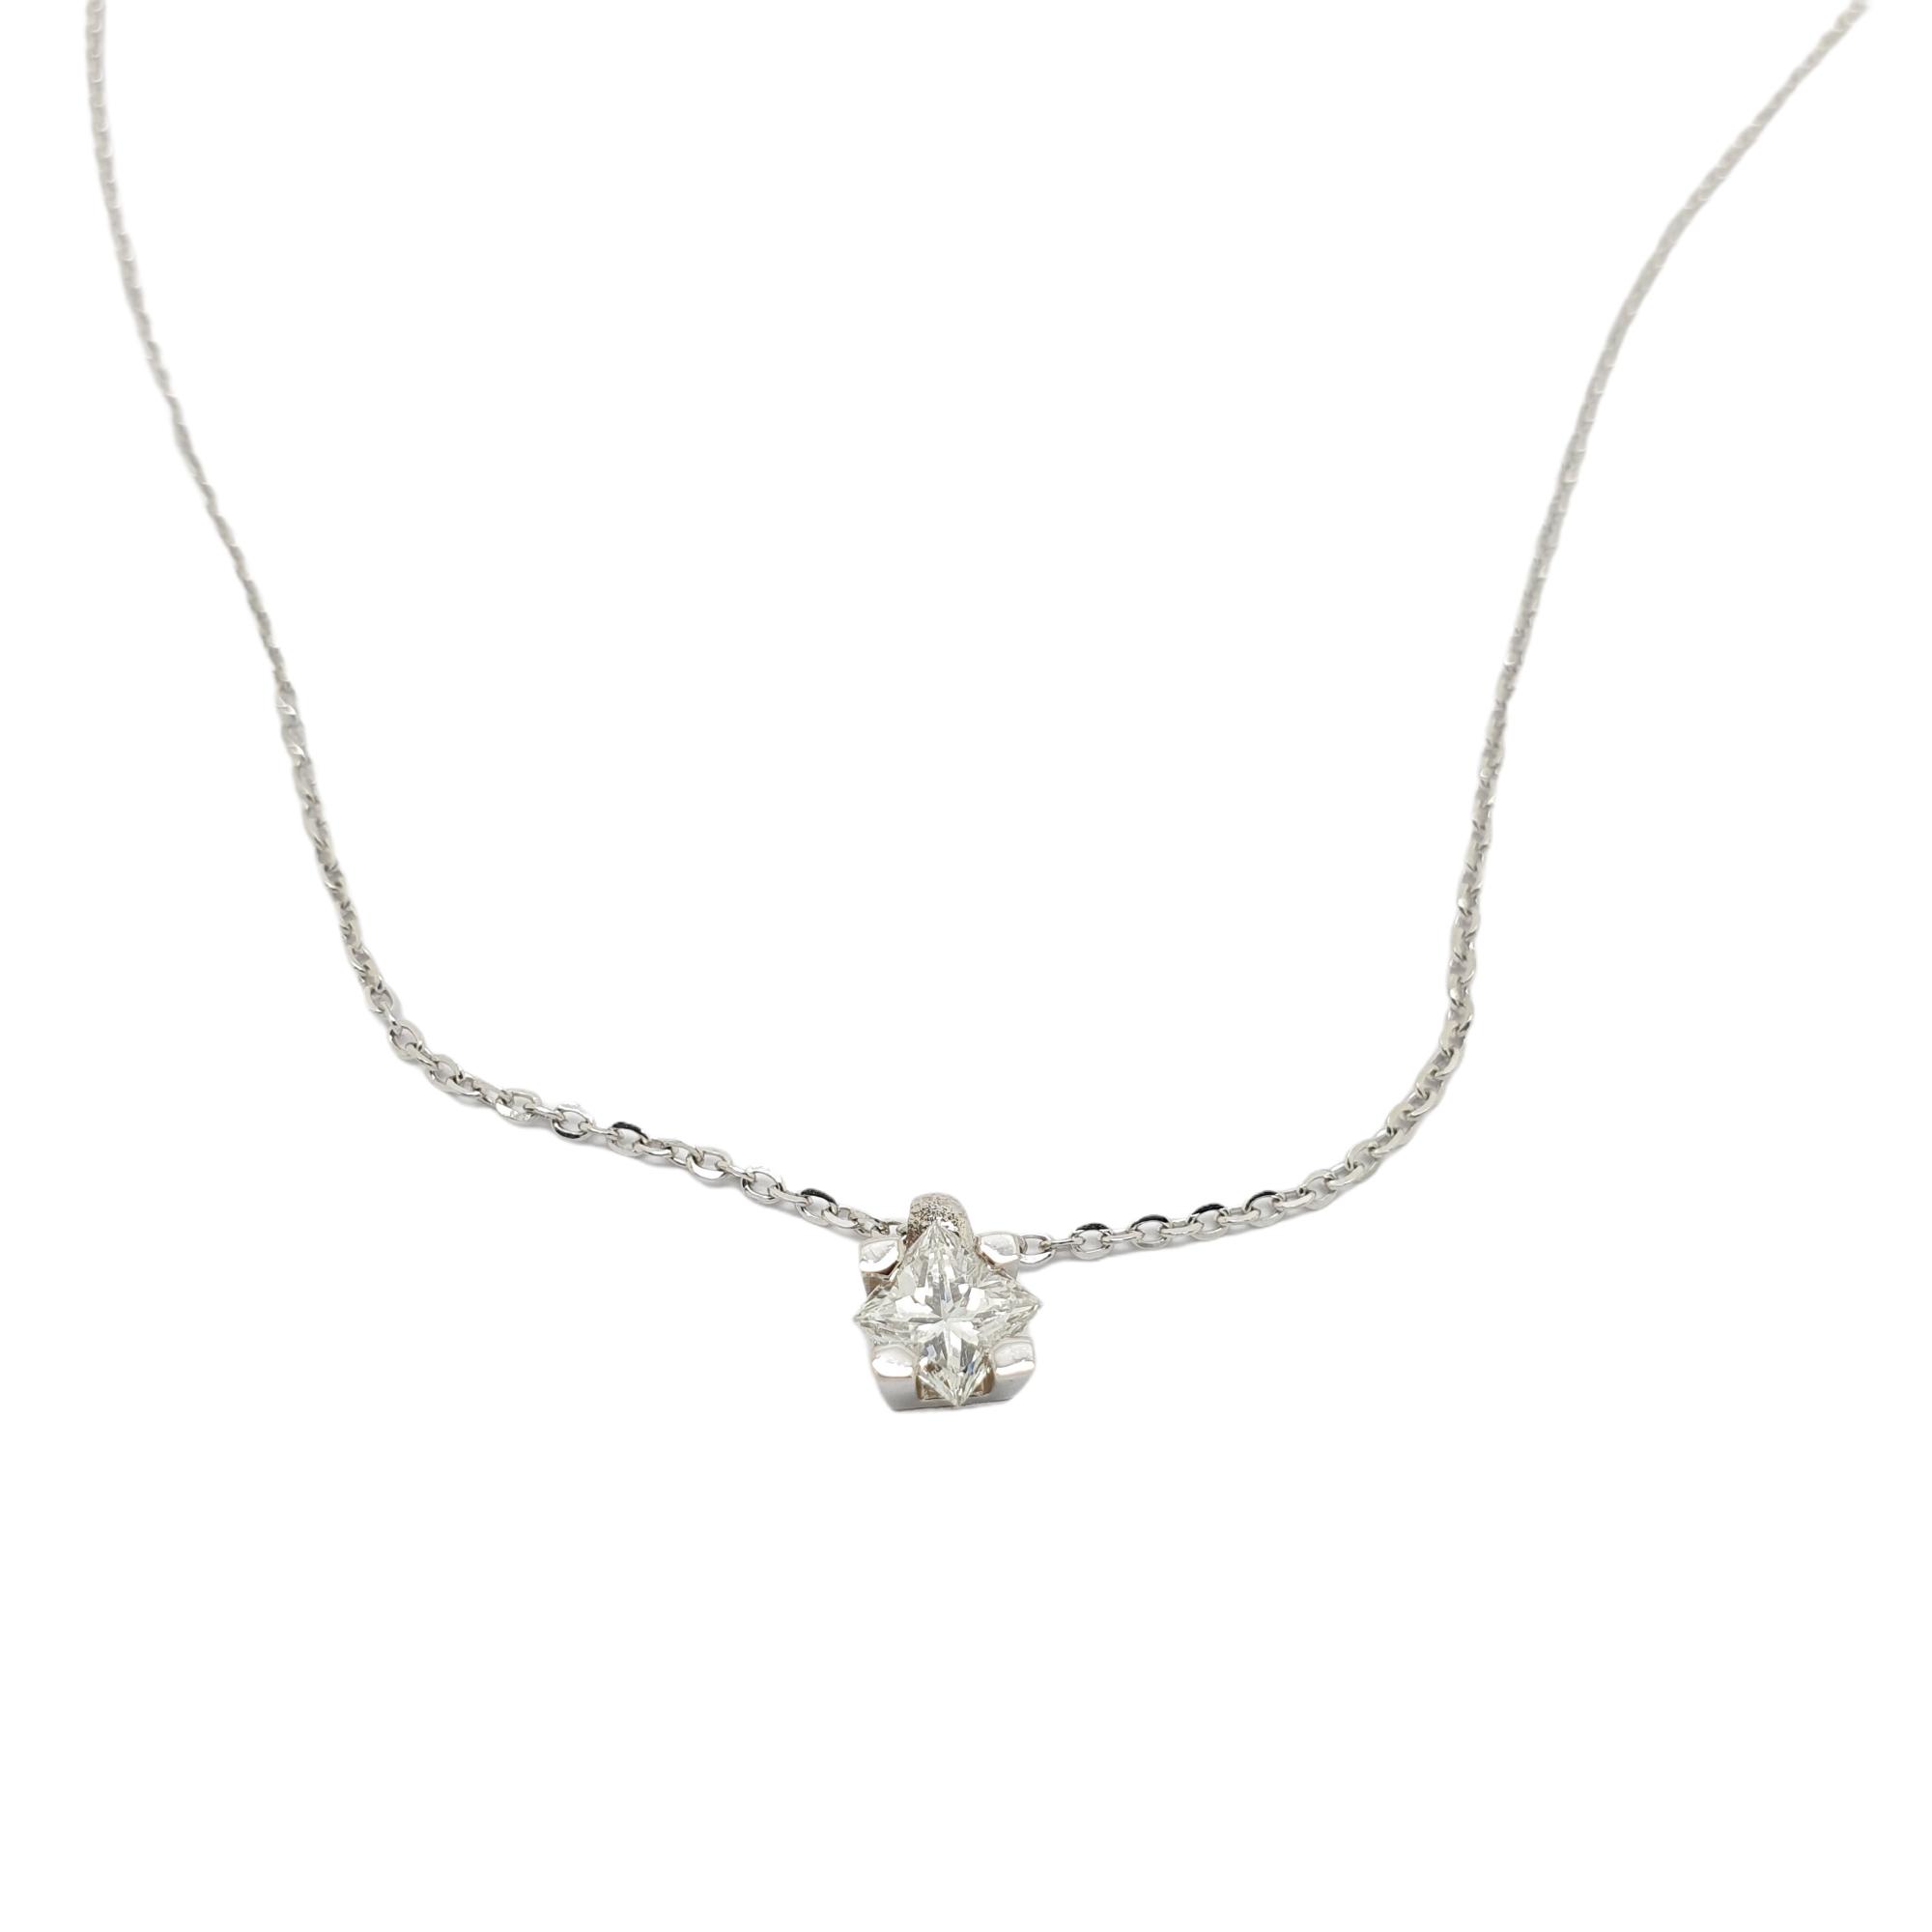 Μενταγιόν μονόπετρο απο λευκόχρυσο κ18 με τετράγωνο διαμάντι.